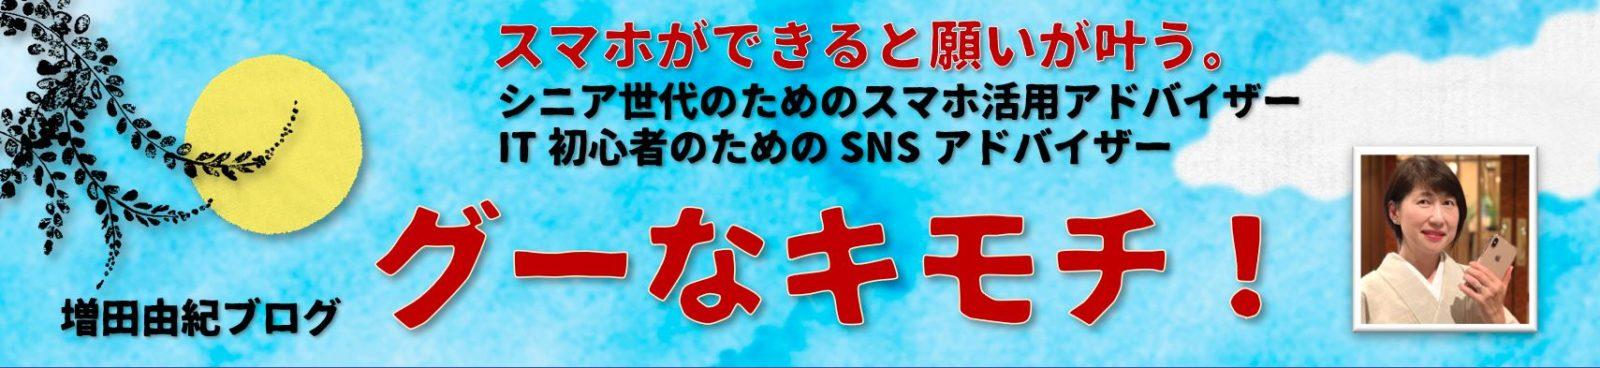 スマホ活用アドバイザー増田由紀ブログ「グーなキモチ!」